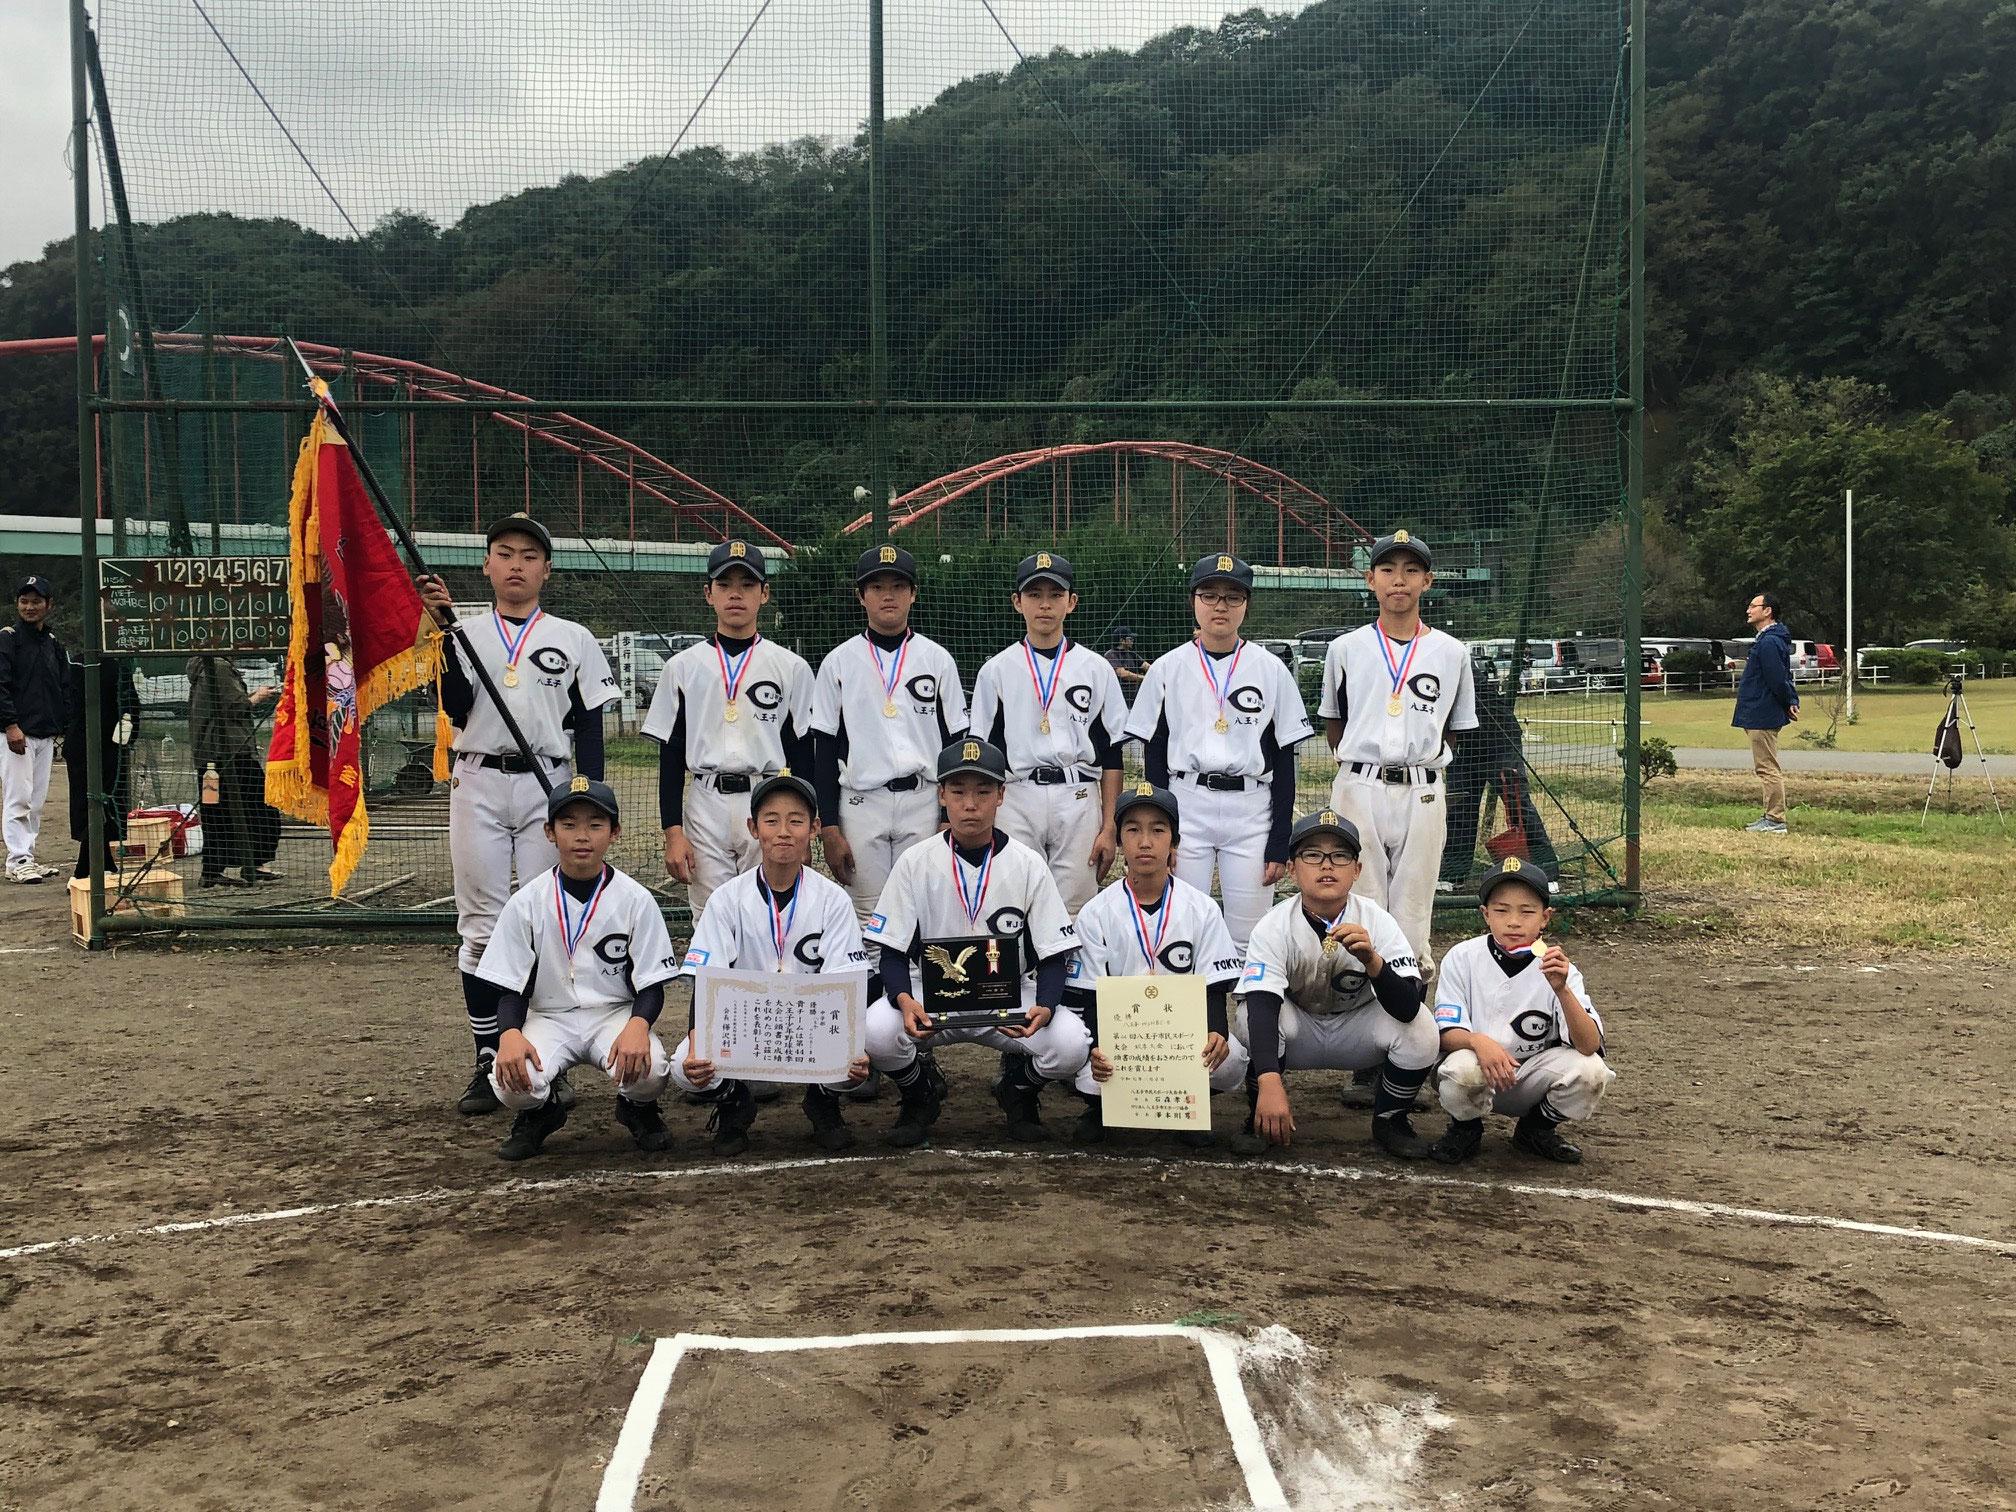 第44回 八王子市少年軟式野球 秋季大会 優勝 WJHBC-B 令和元年11月3日